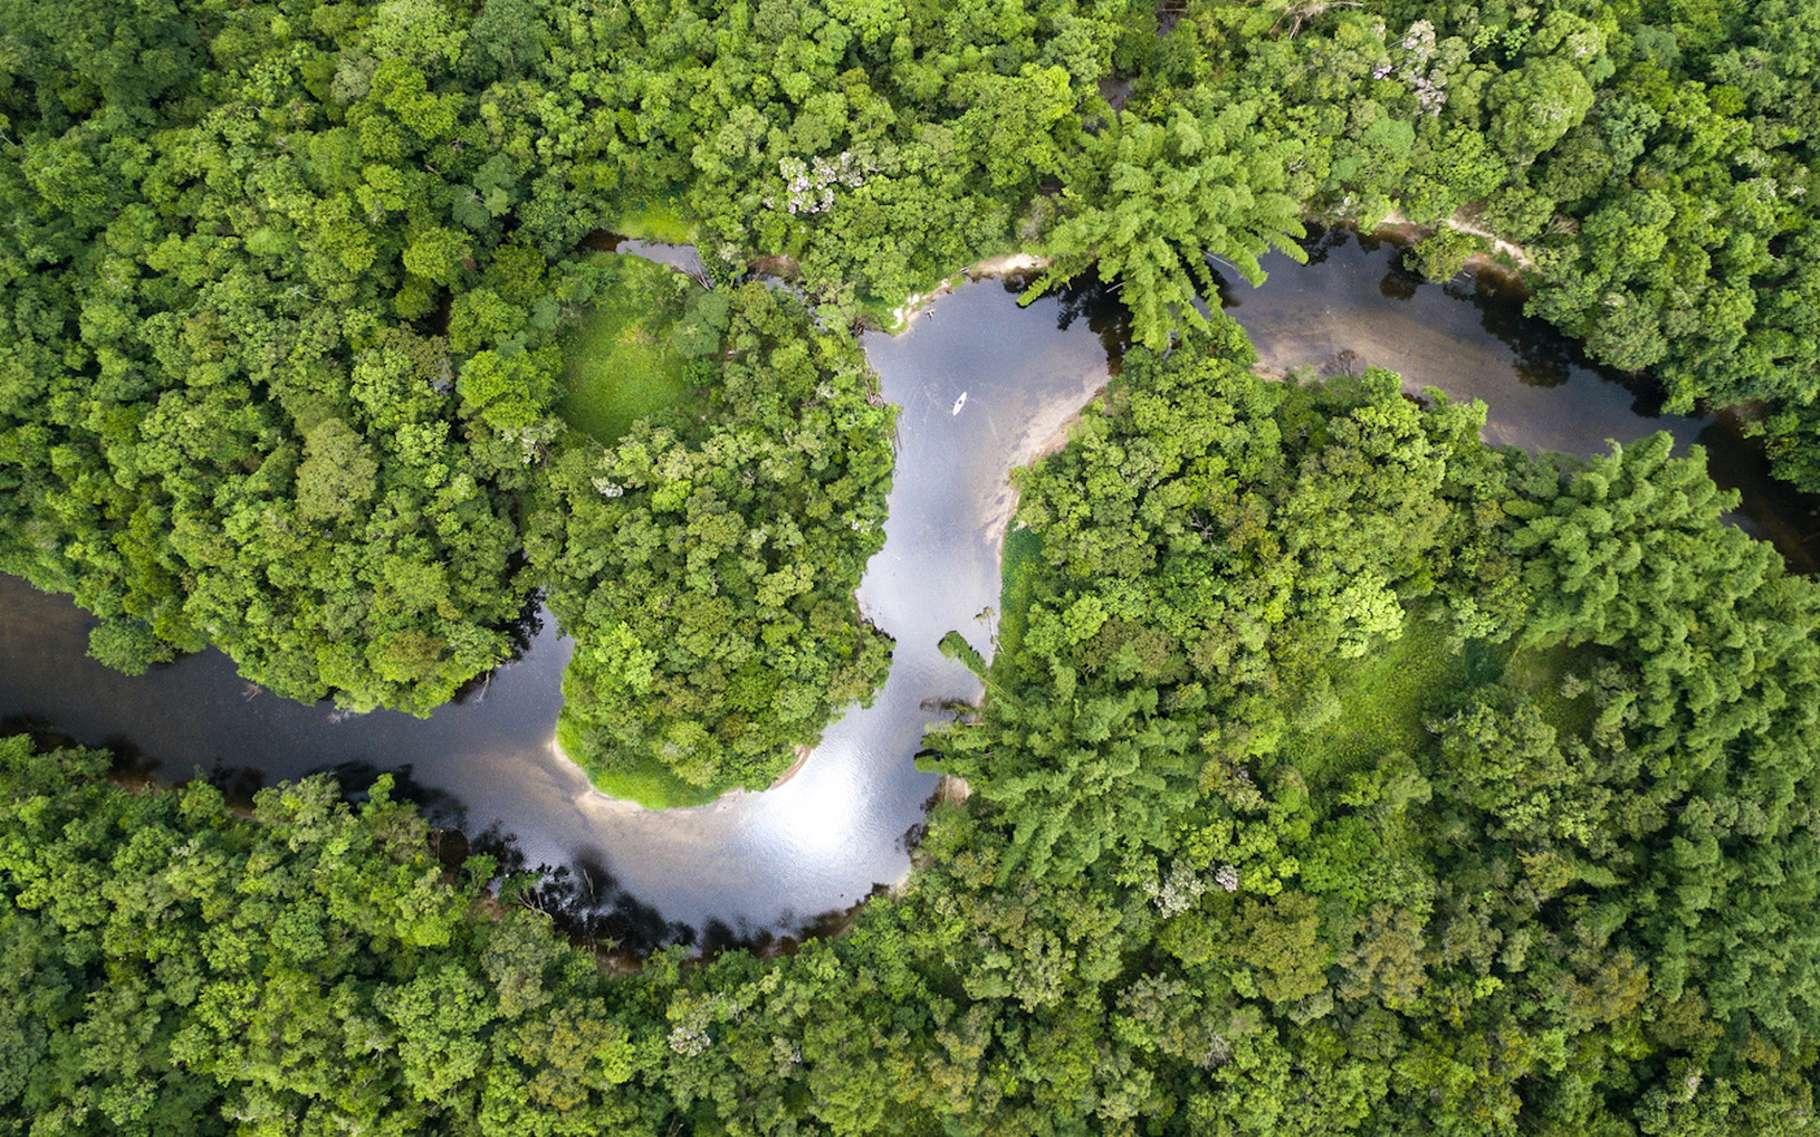 Dans les quinze ans à venir, la forêt amazonienne devrait croître plus lentement à cause d'un manque de phosphore. © gustavofrazao, Fotolia